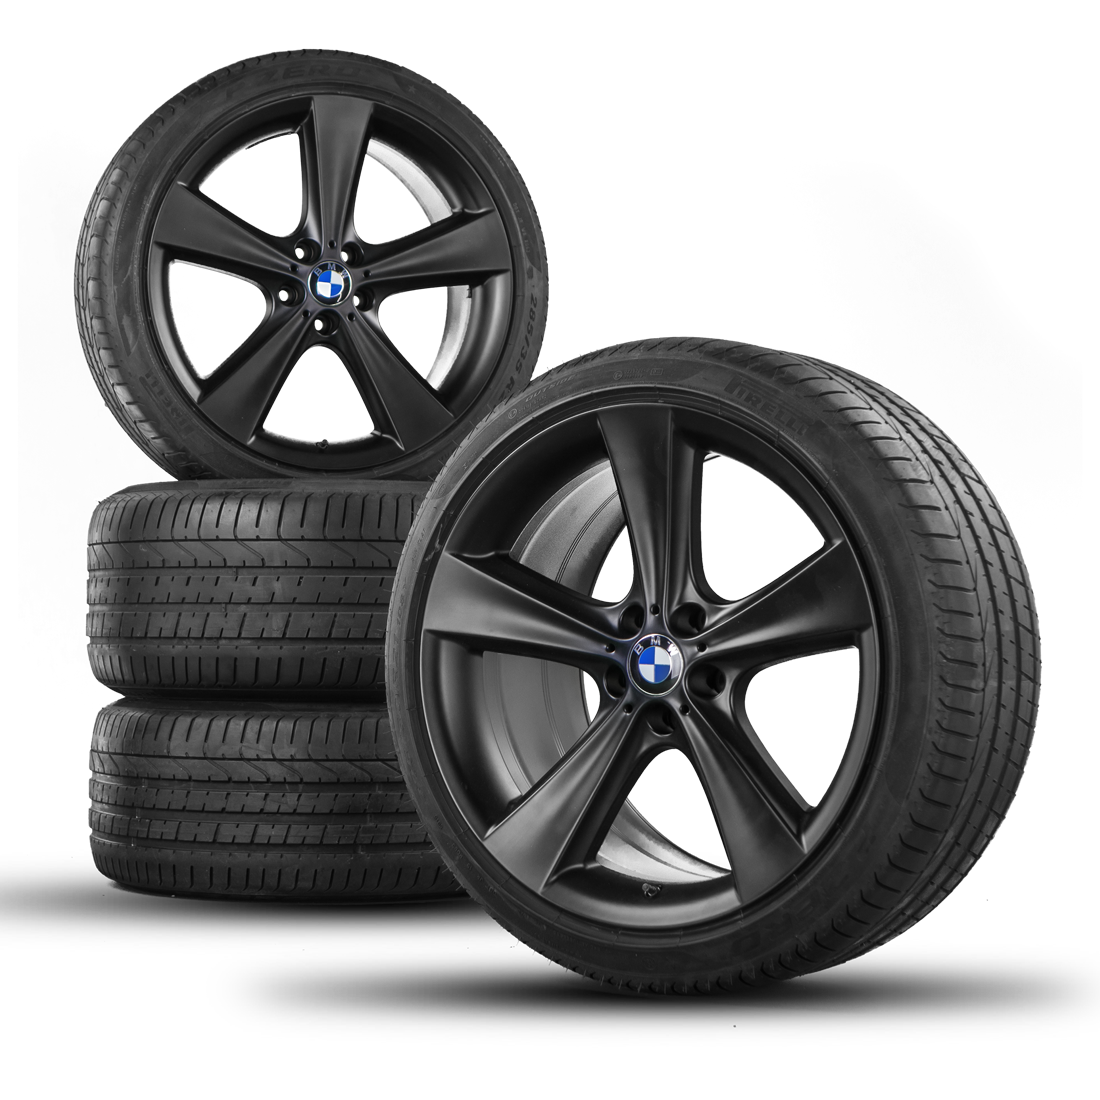 Original Bmw Felgen Und Komplettrader Gunstig Online Kaufen Bmw Wheels Car Wheel Bmw